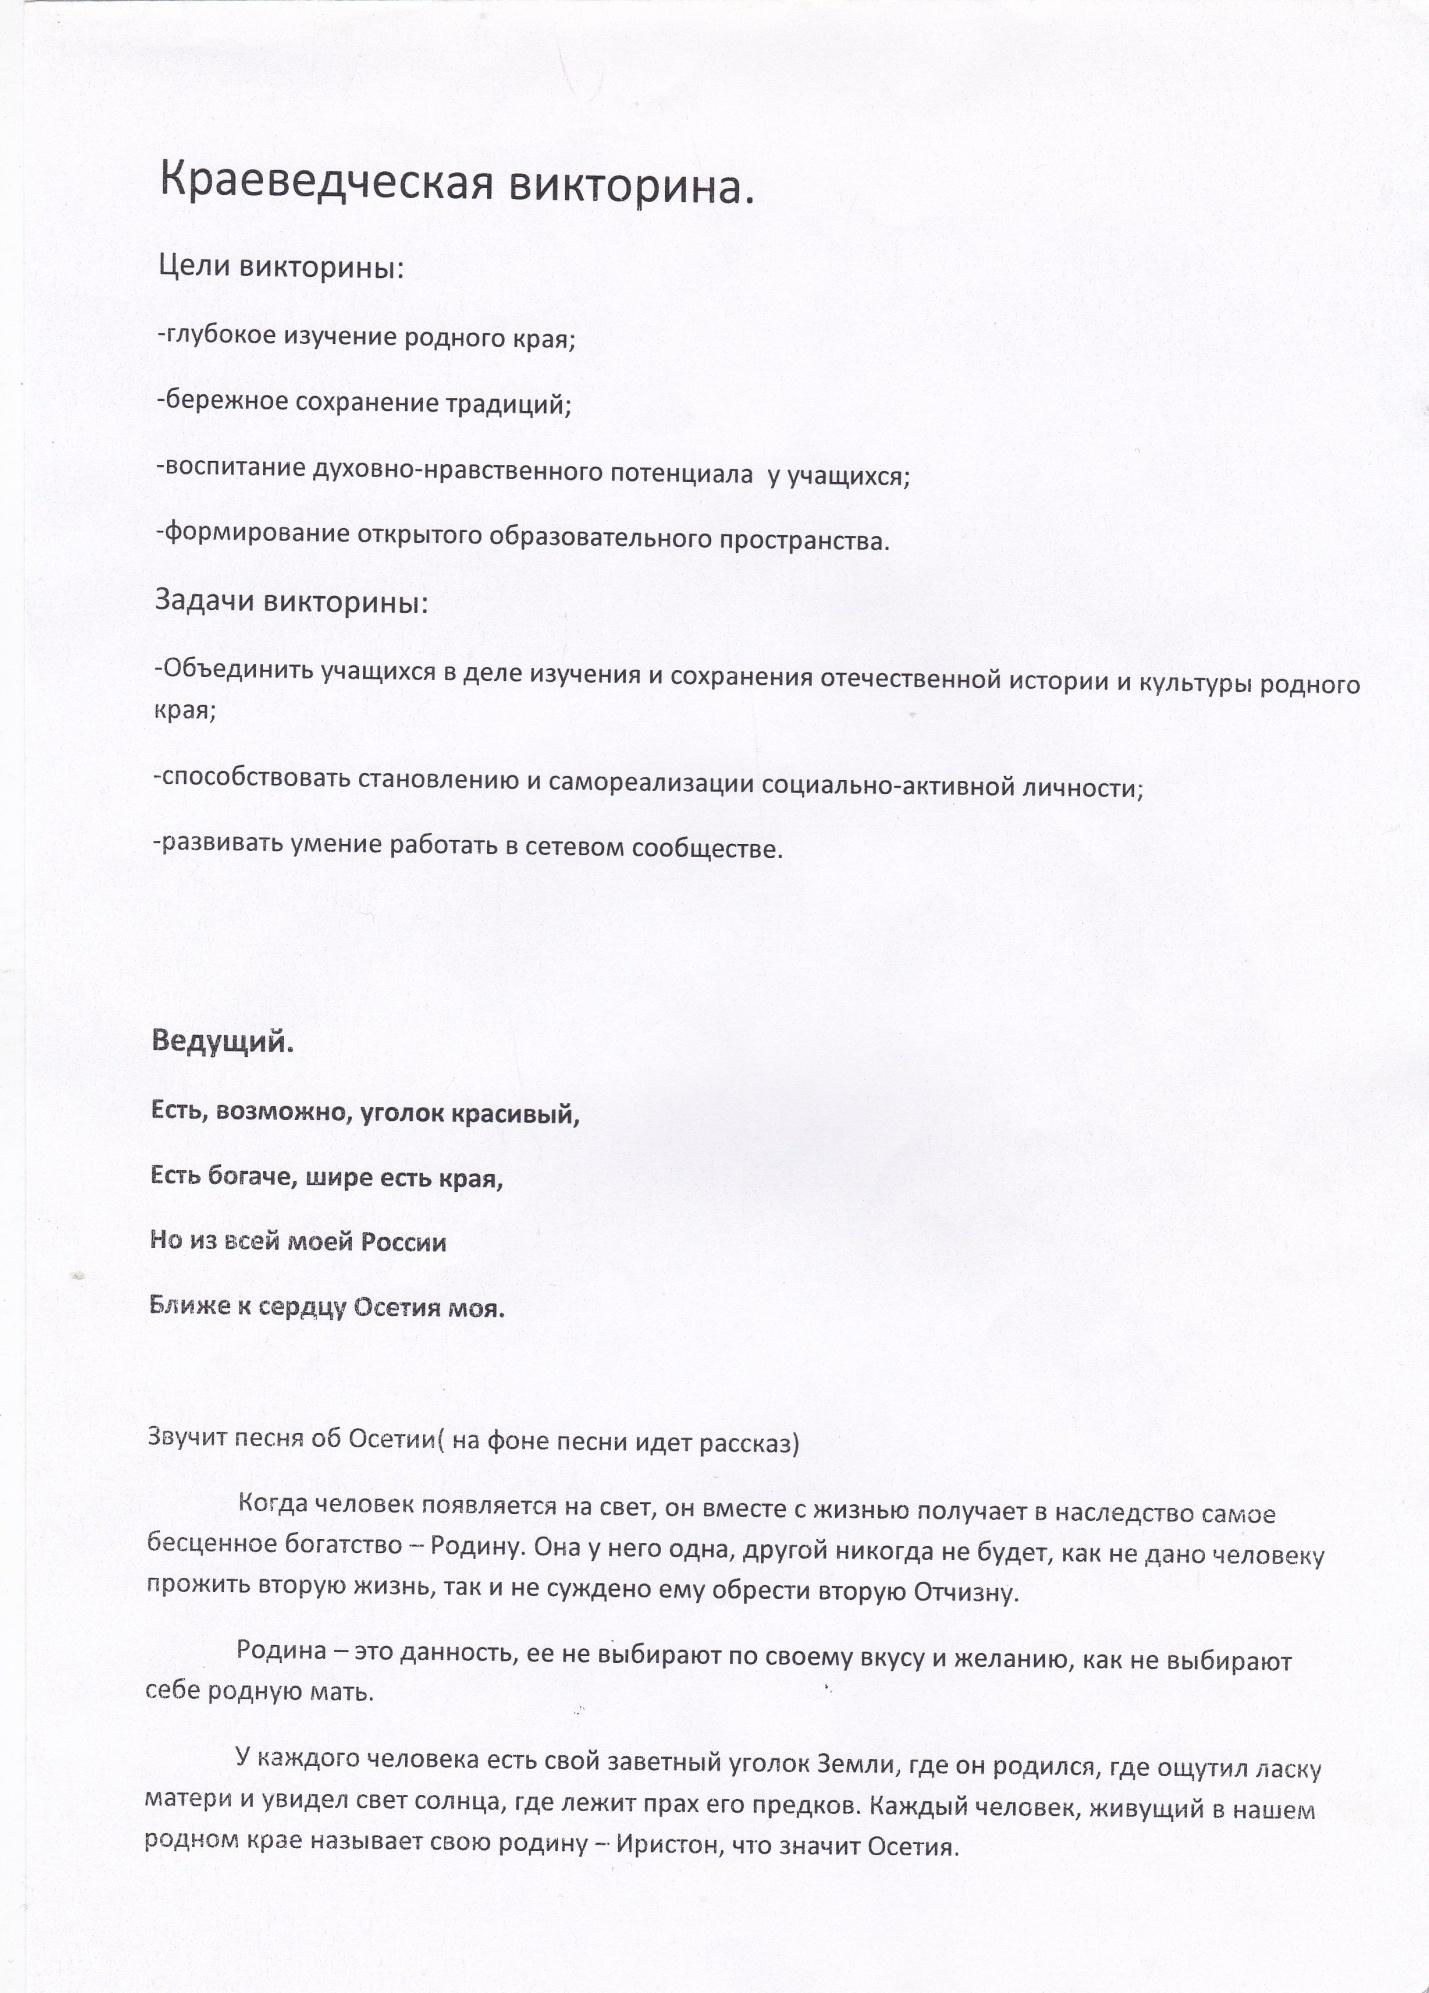 F:\Новая папка (3)\IMG_20150110_0039.jpg